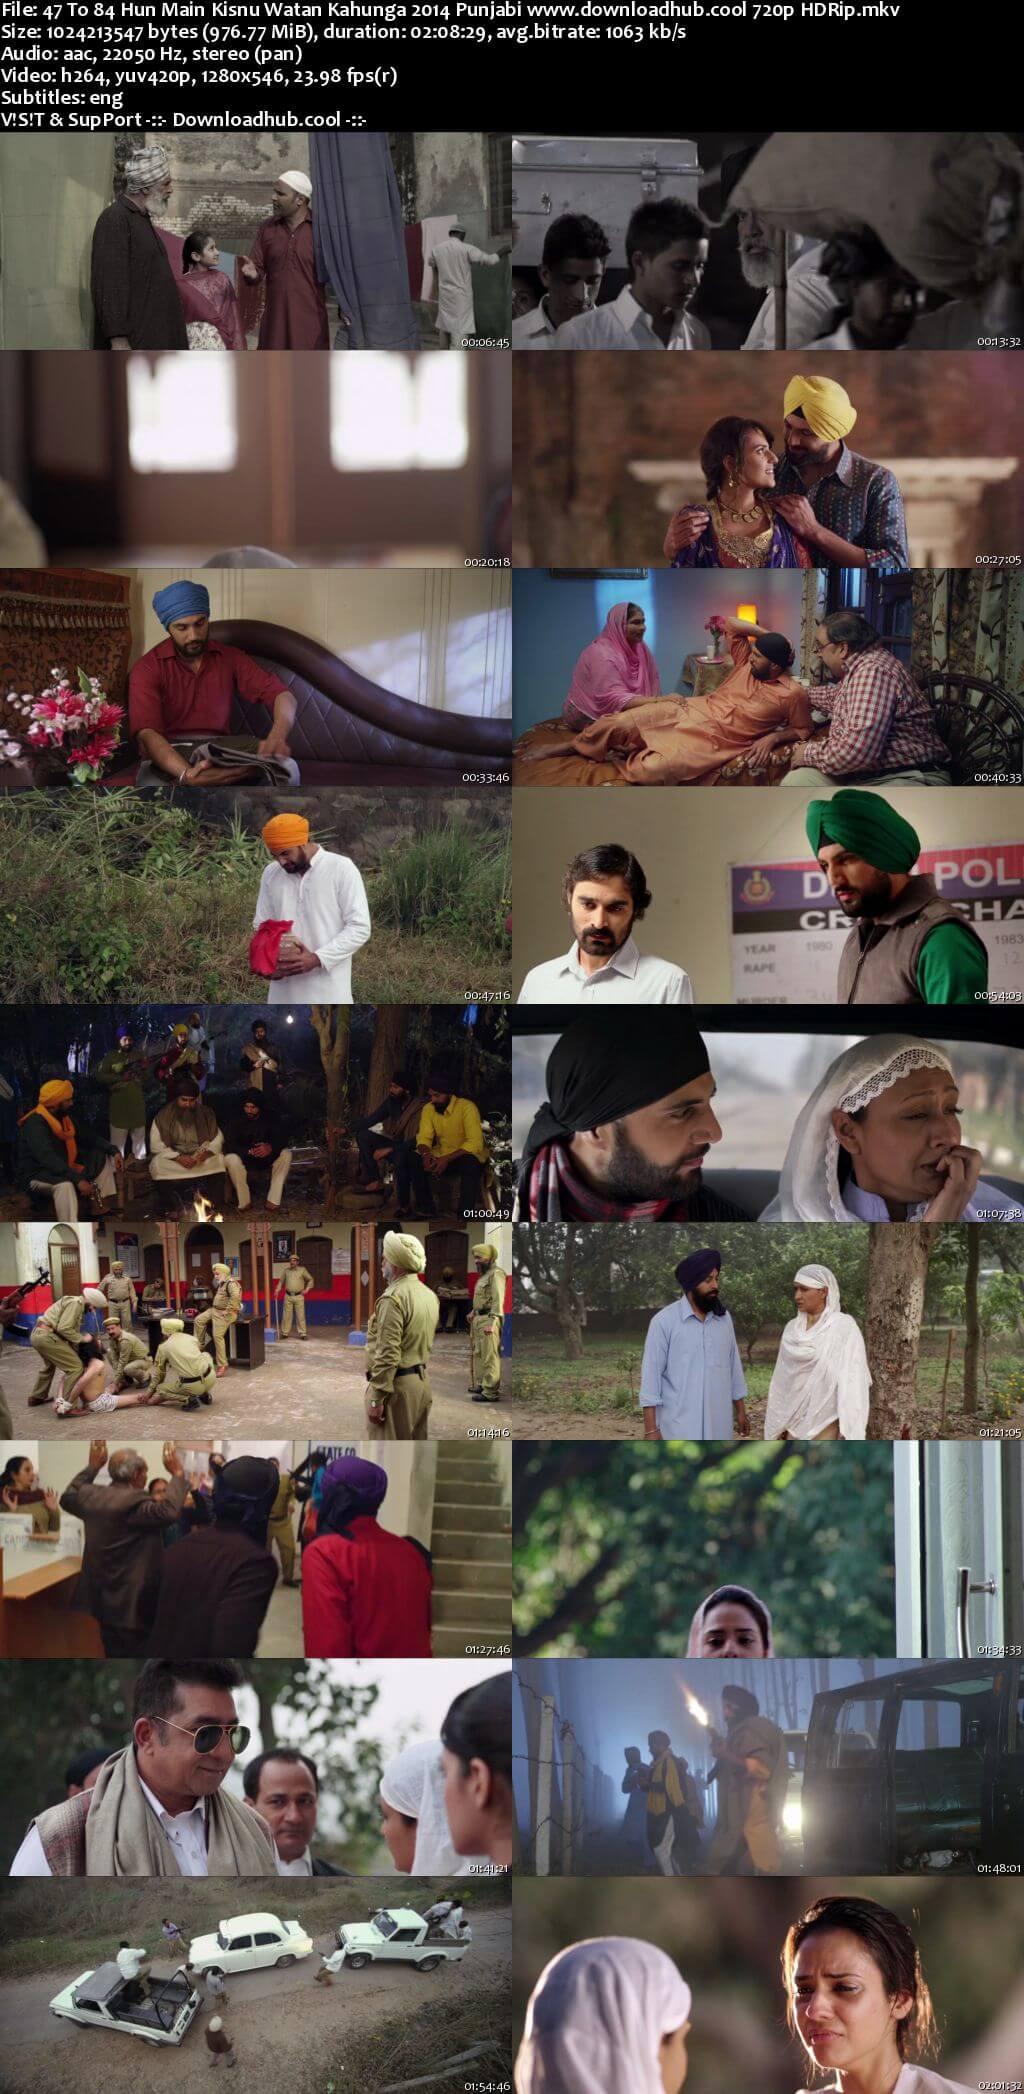 47 to 84 Hun Main Kisnu Watan Kahunga 2014 Punjabi 720p HDRip ESubs